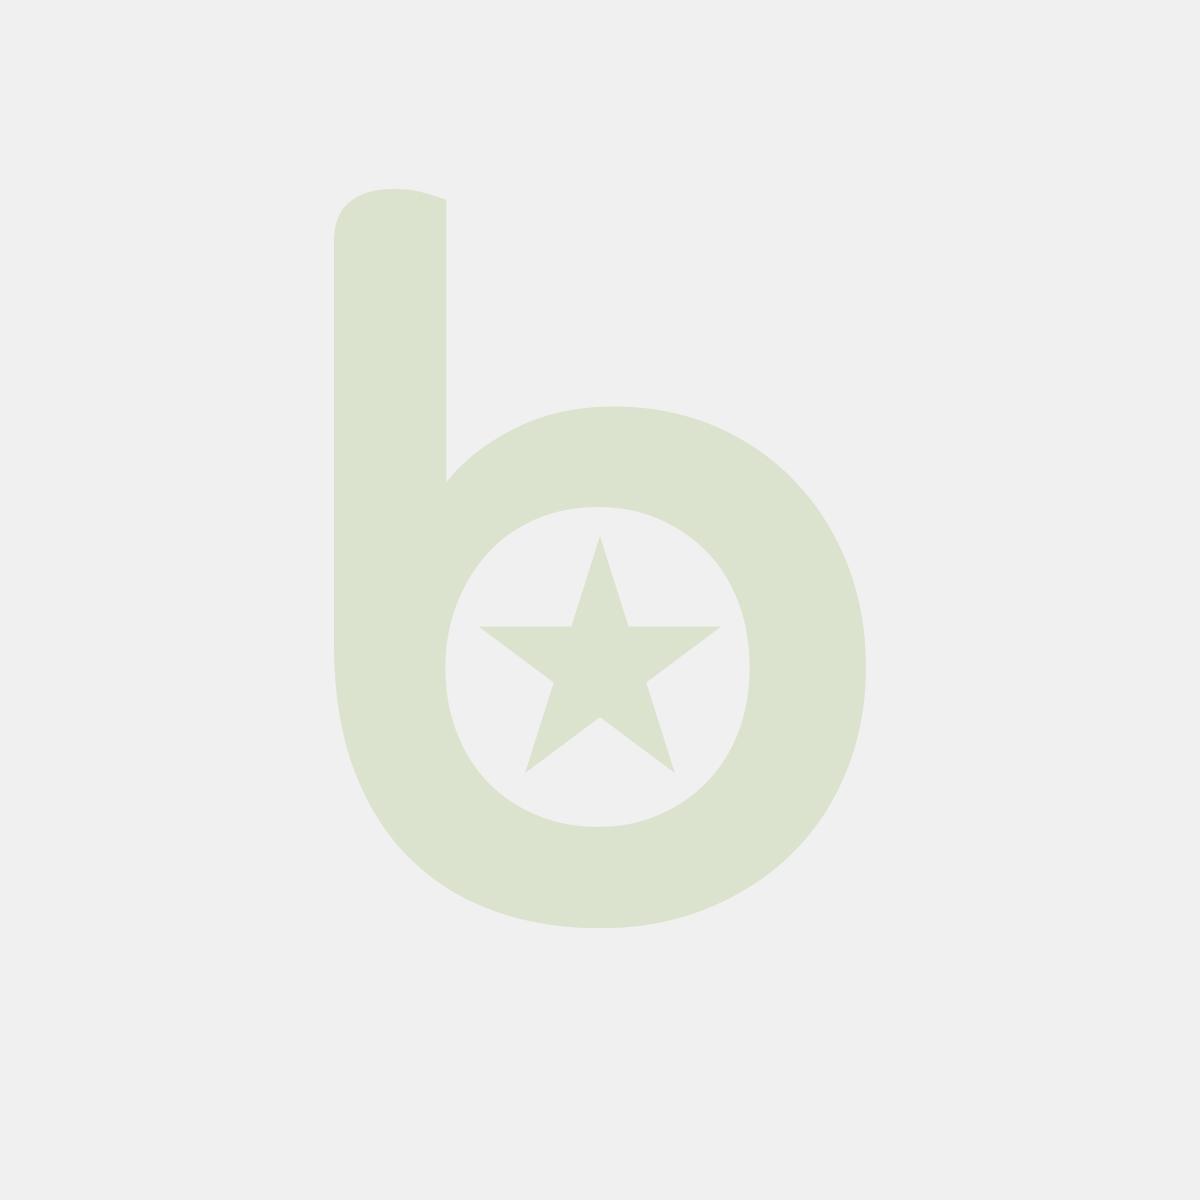 Świece stożkowe 25cm op.50szt bordoweśrednica 2,2cm